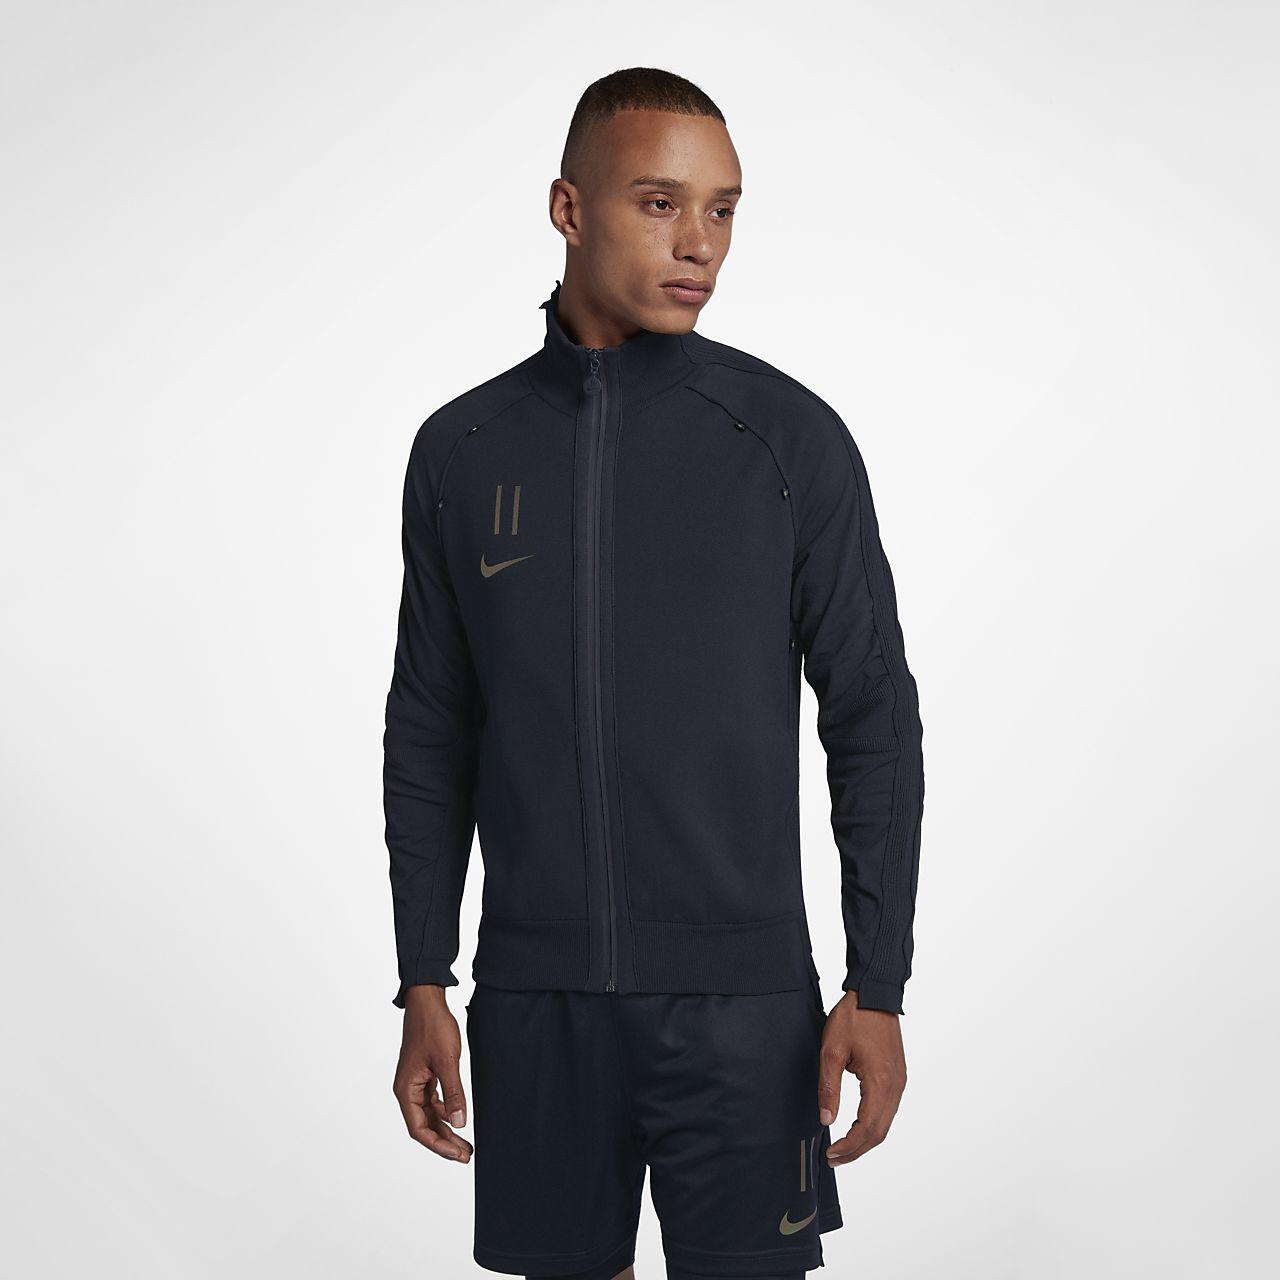 Nike x Kim Jones N98 男款外套